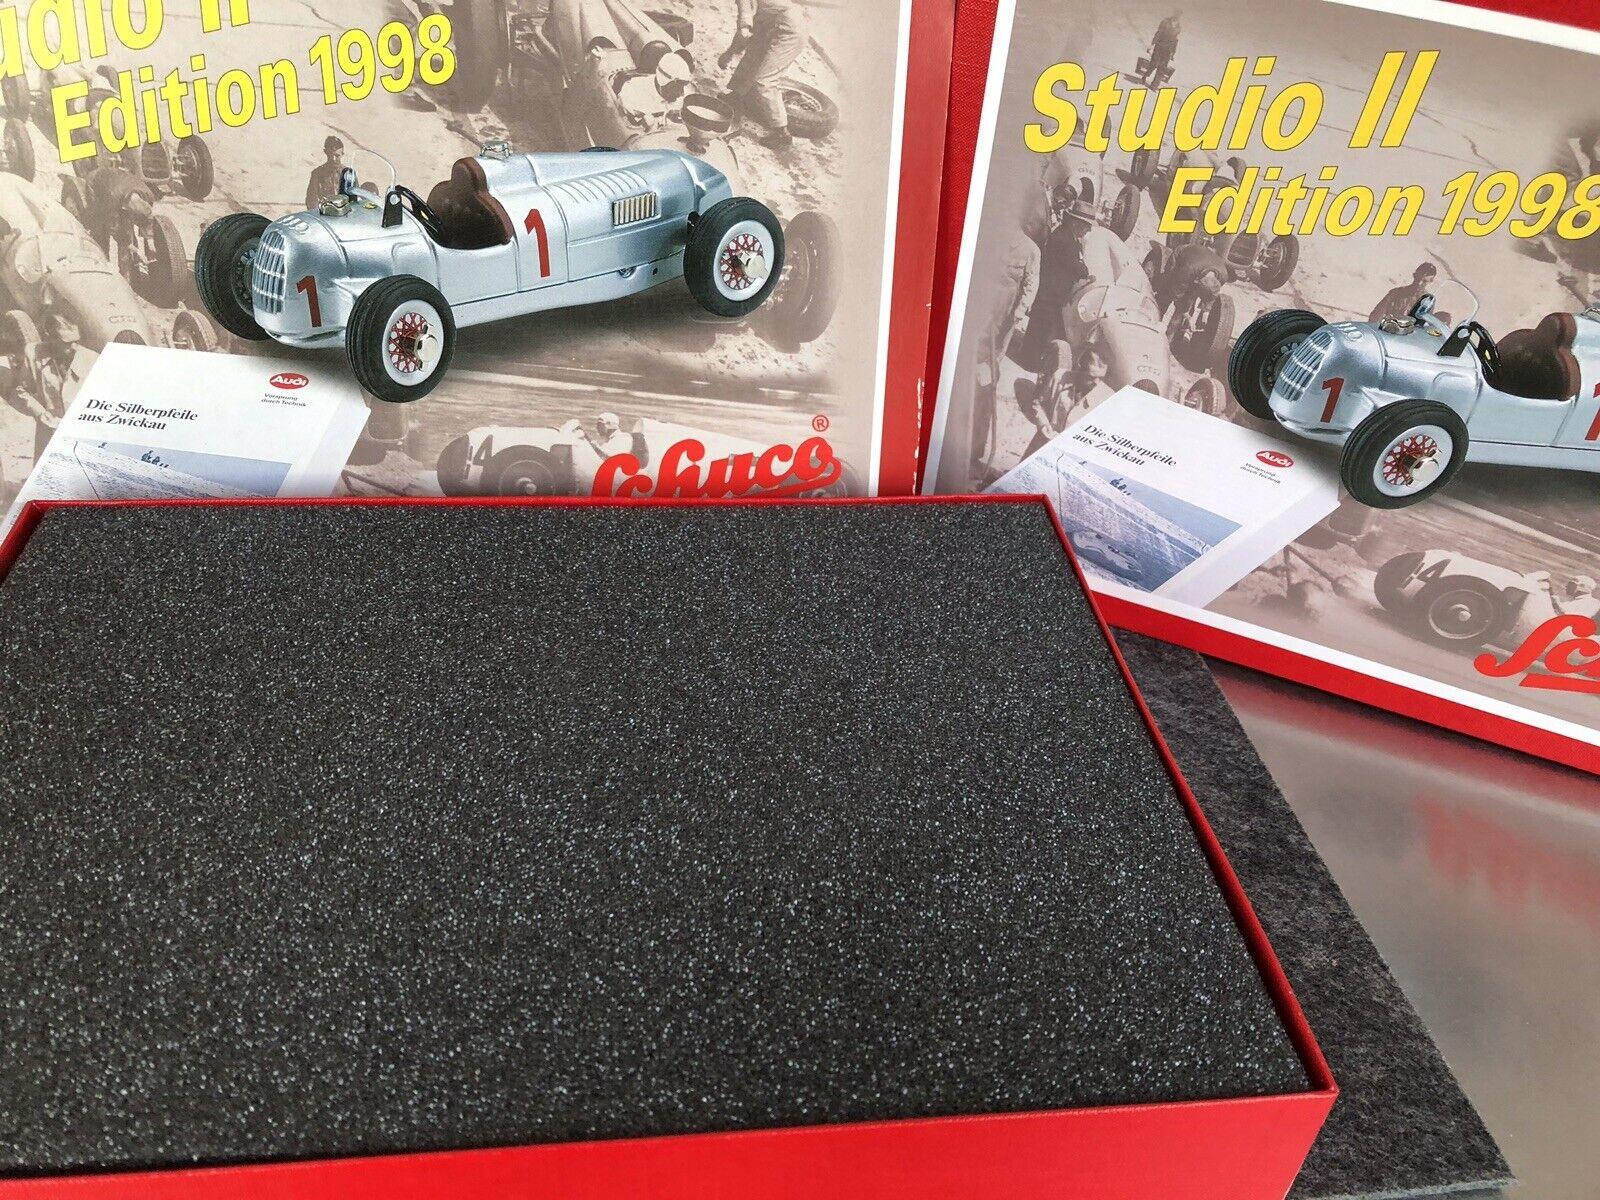 Schuco Studio 2 edition 1998 neuf dans sa boîte édition 1500 St.